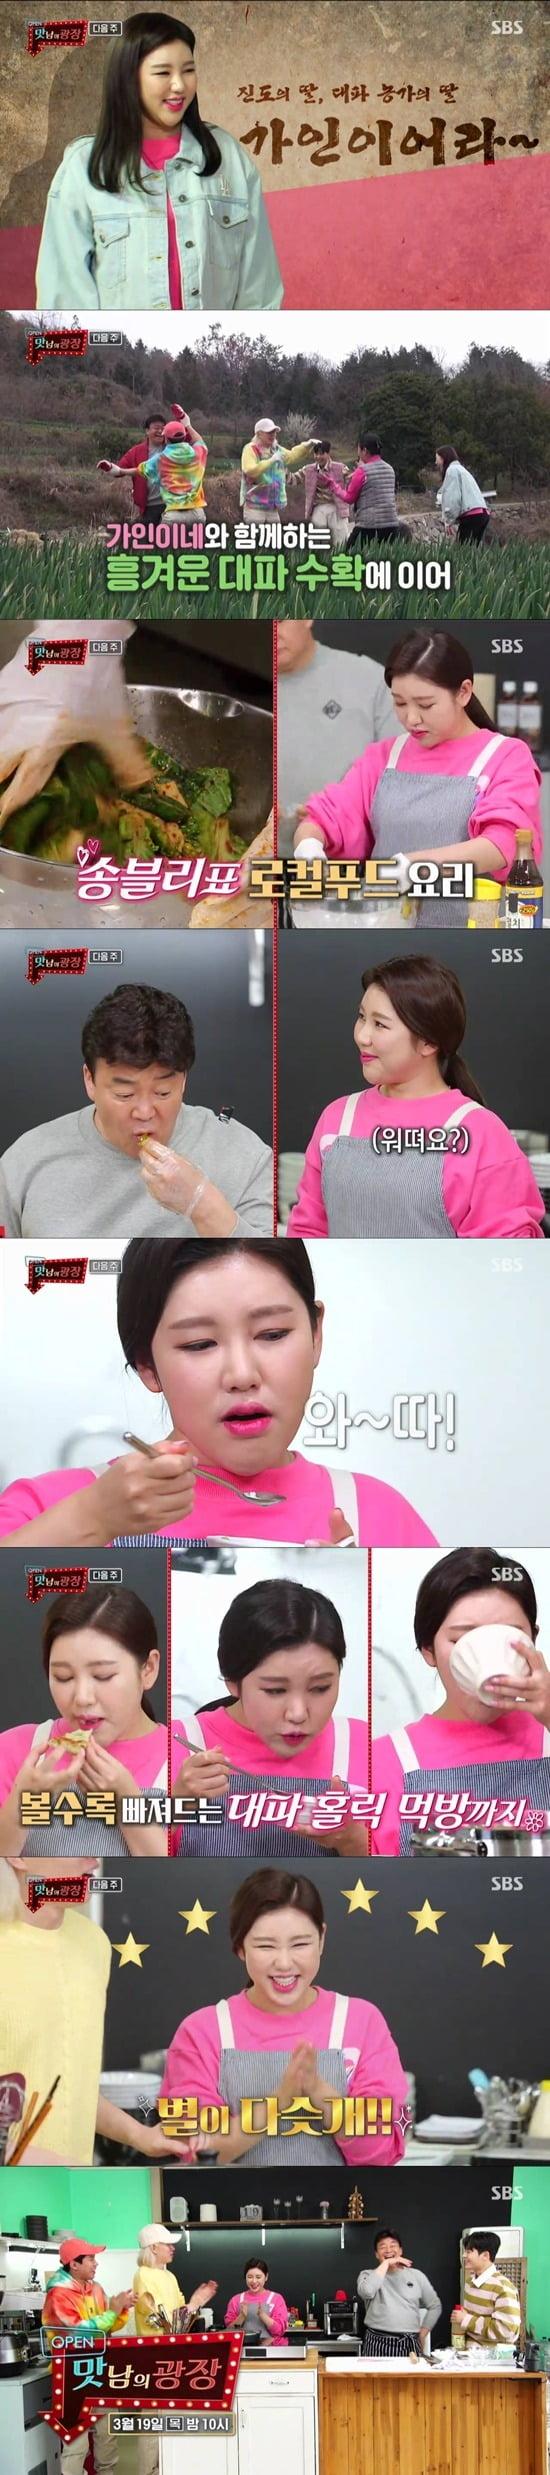 '맛남의 광장' 예고 영상./사진제공=SBS